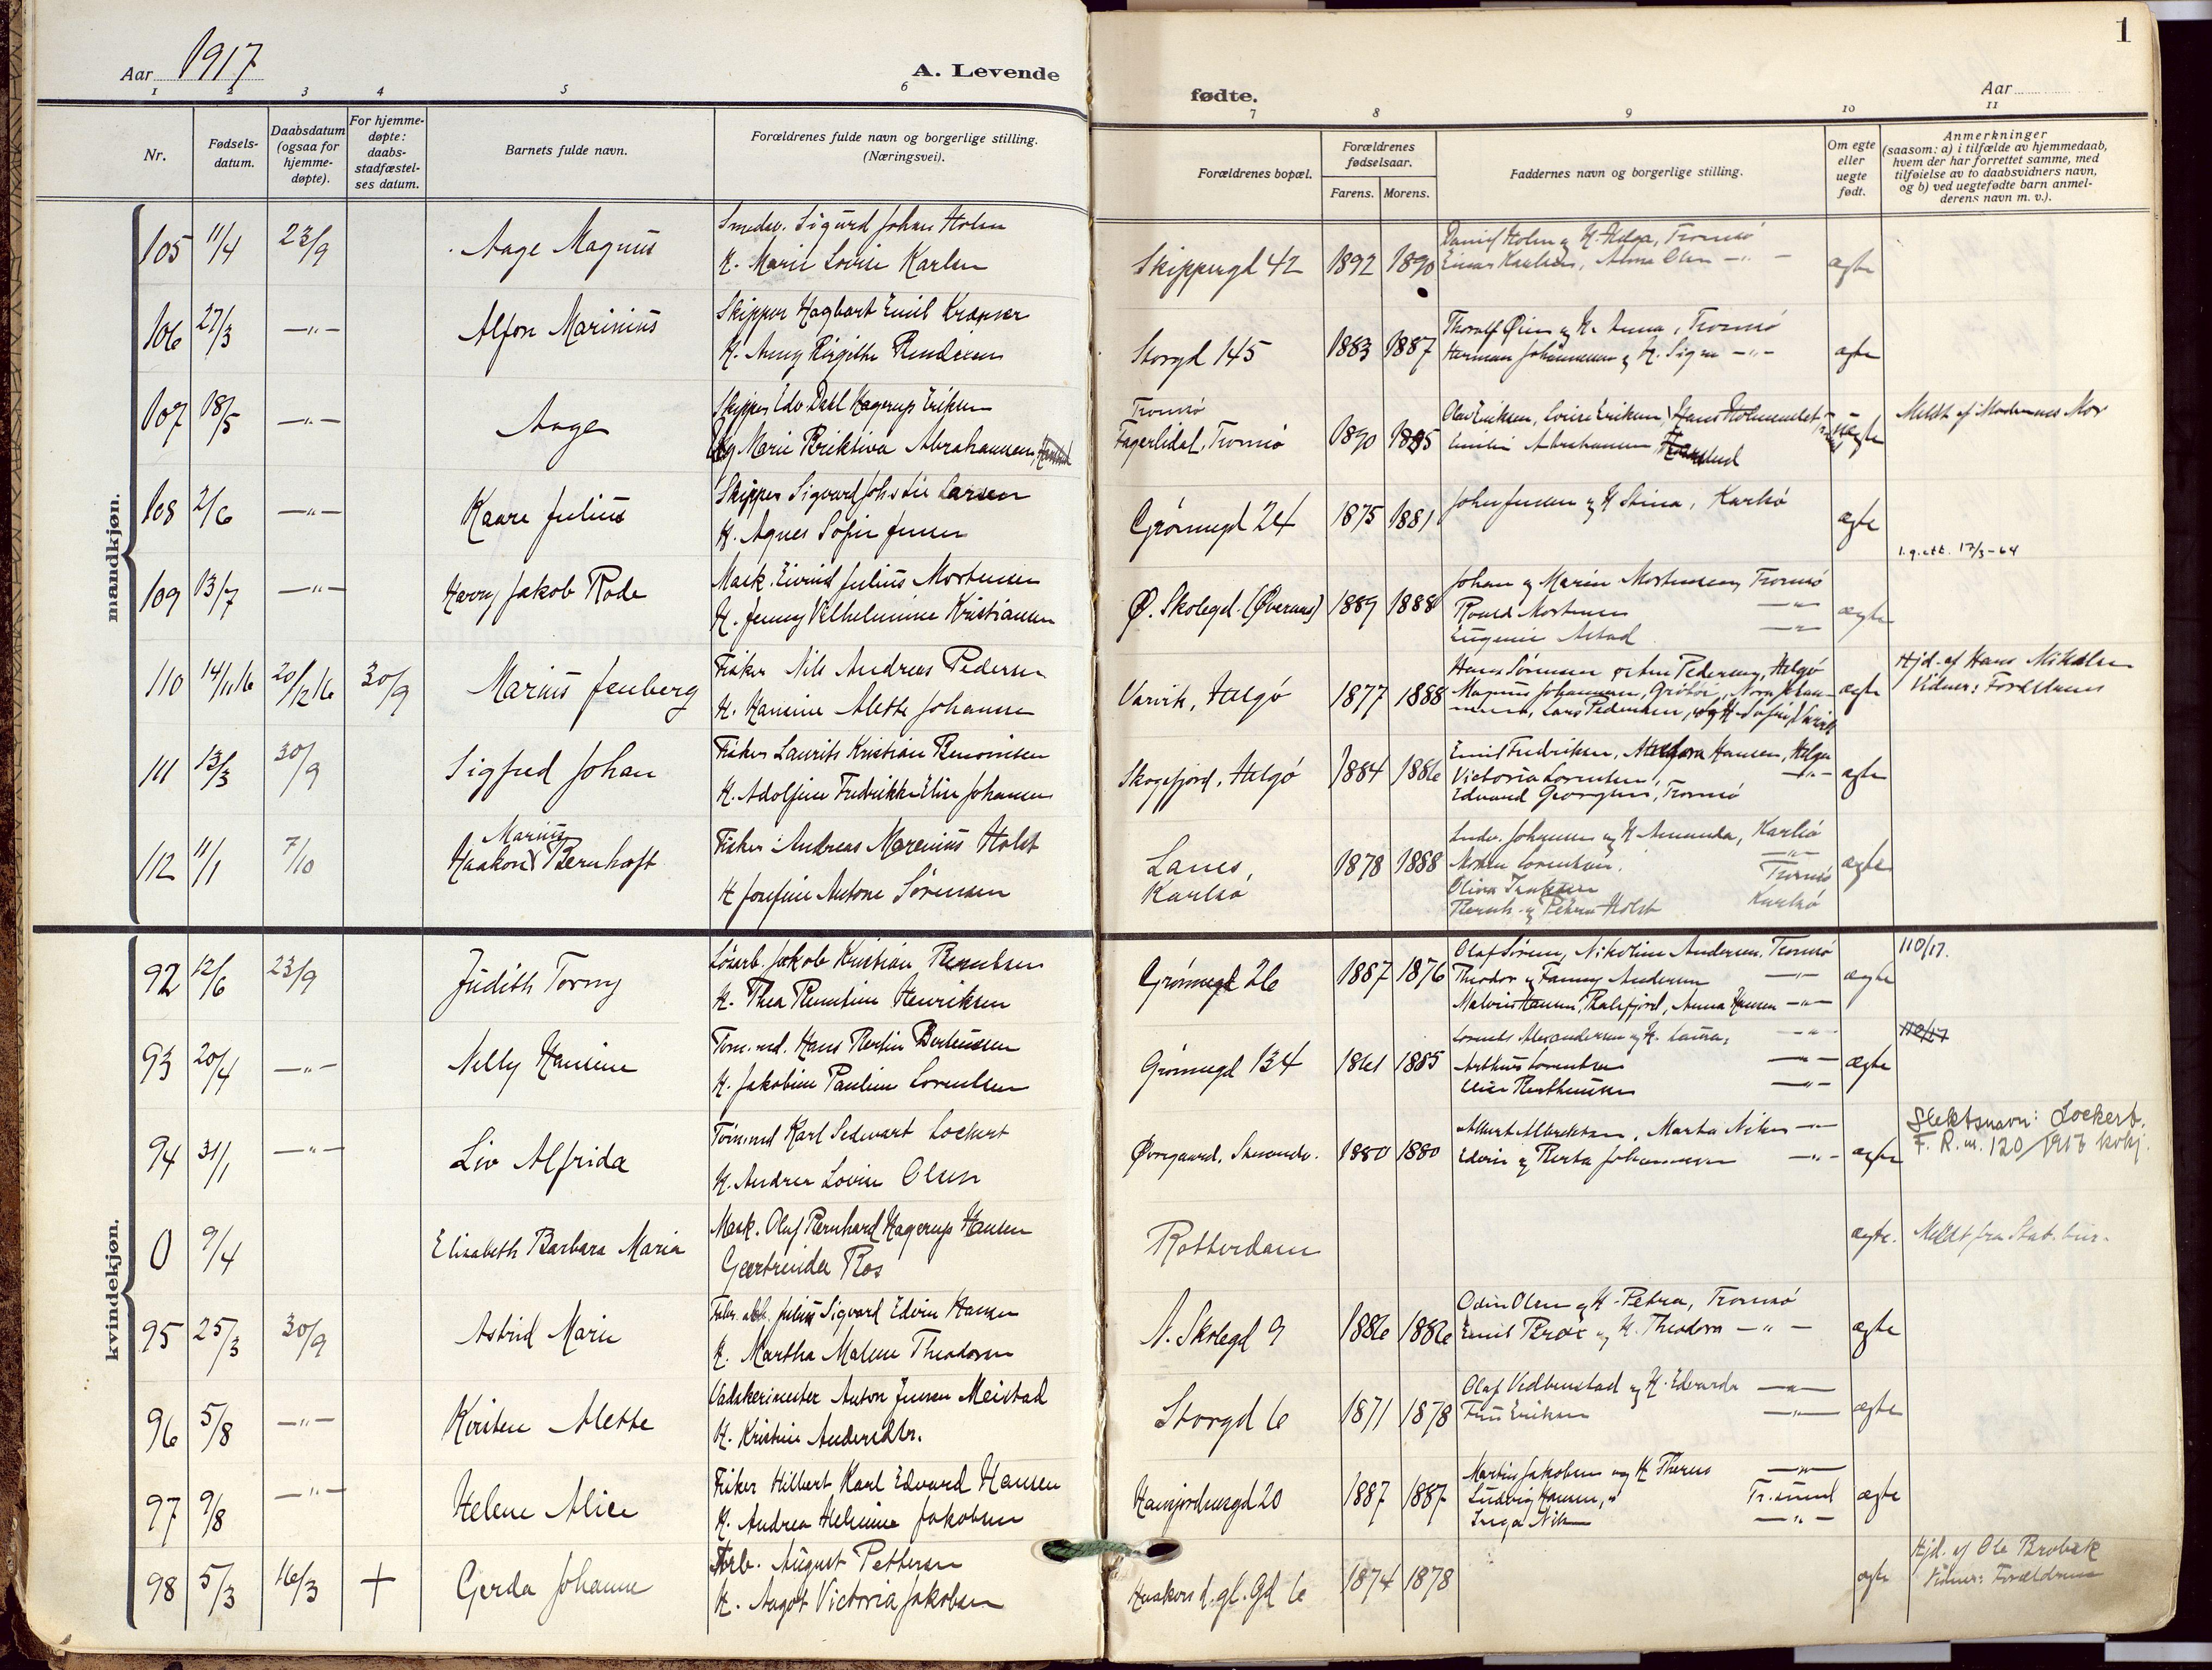 SATØ, Tromsø sokneprestkontor/stiftsprosti/domprosti, G/Ga/L0019kirke: Ministerialbok nr. 19, 1917-1927, s. 1